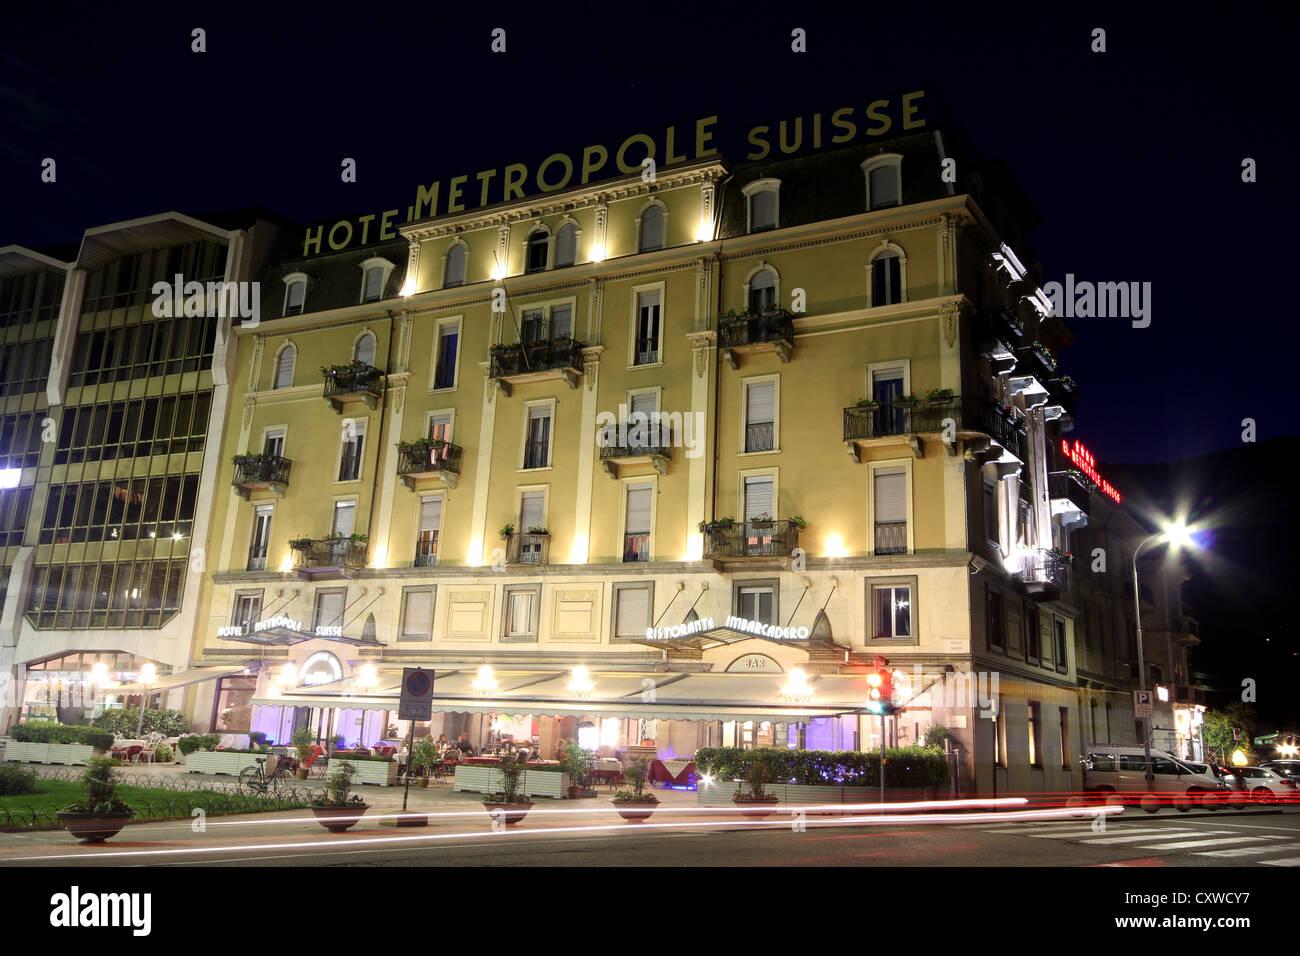 ein schönes Bild von Hotel Metropole Suisse Nacht Comer See, Italien, Landschaft, Reisen, photoarkive Stockbild